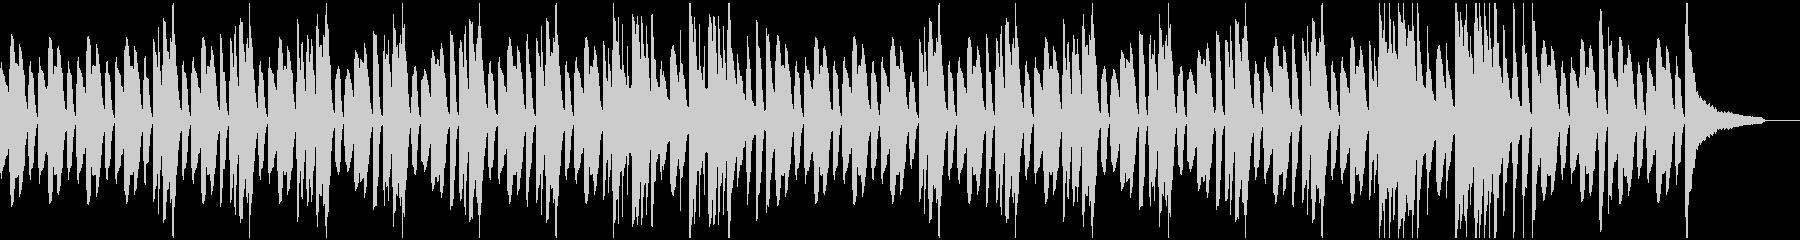 ほのぼの日常系ピアノソロの未再生の波形